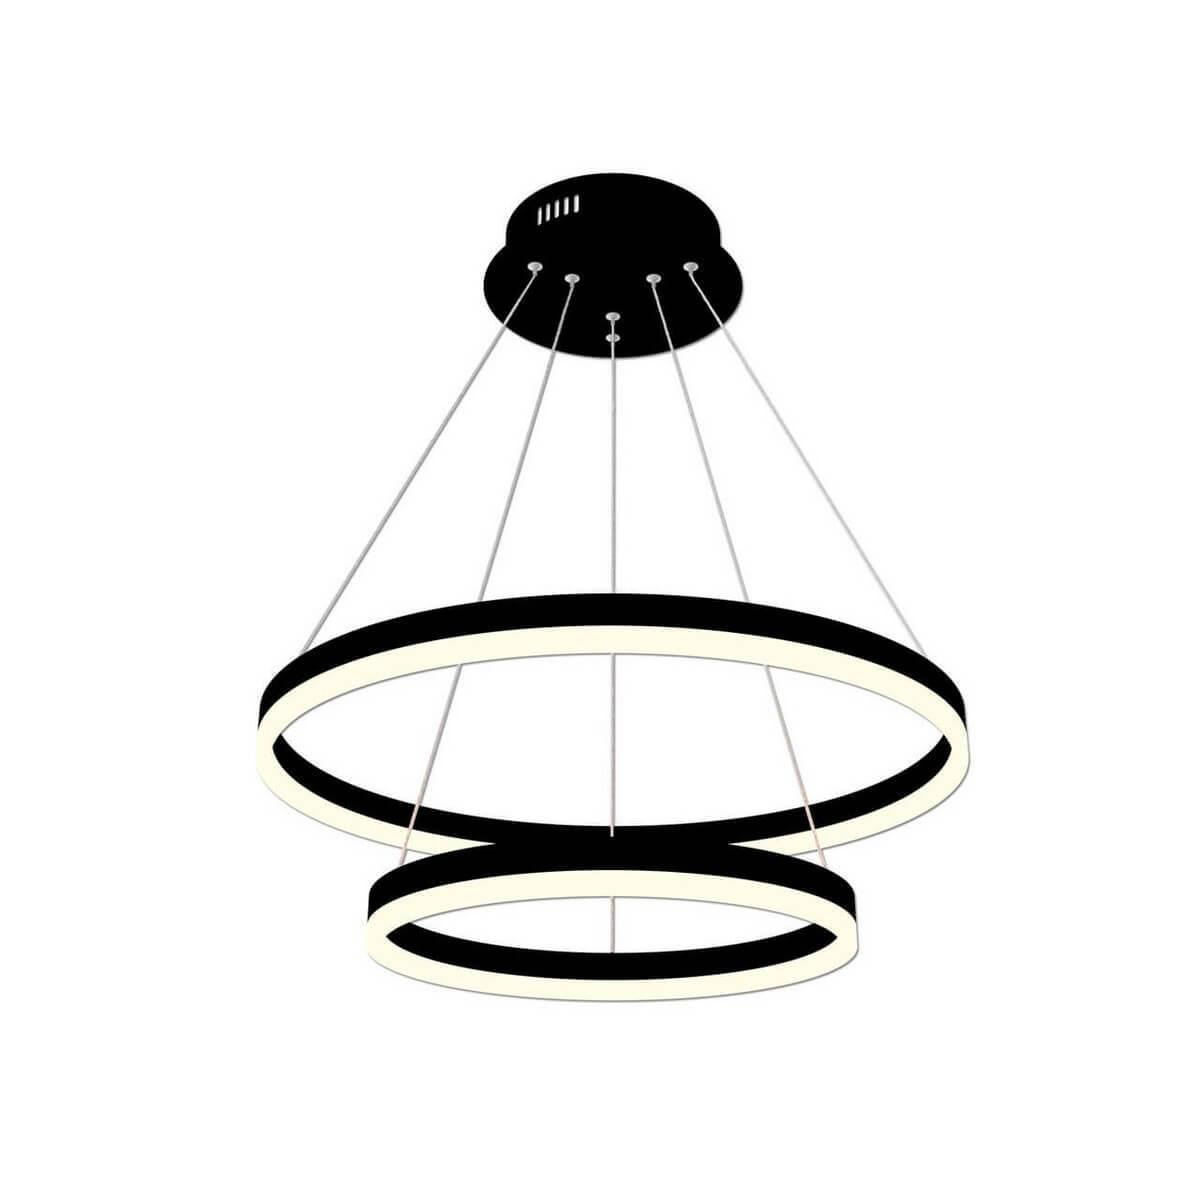 Подвесной светильник Kink Light 08219,19E, LED, 50 Вт kink light подвесной светодиодный светильник kink light парете 08725 2